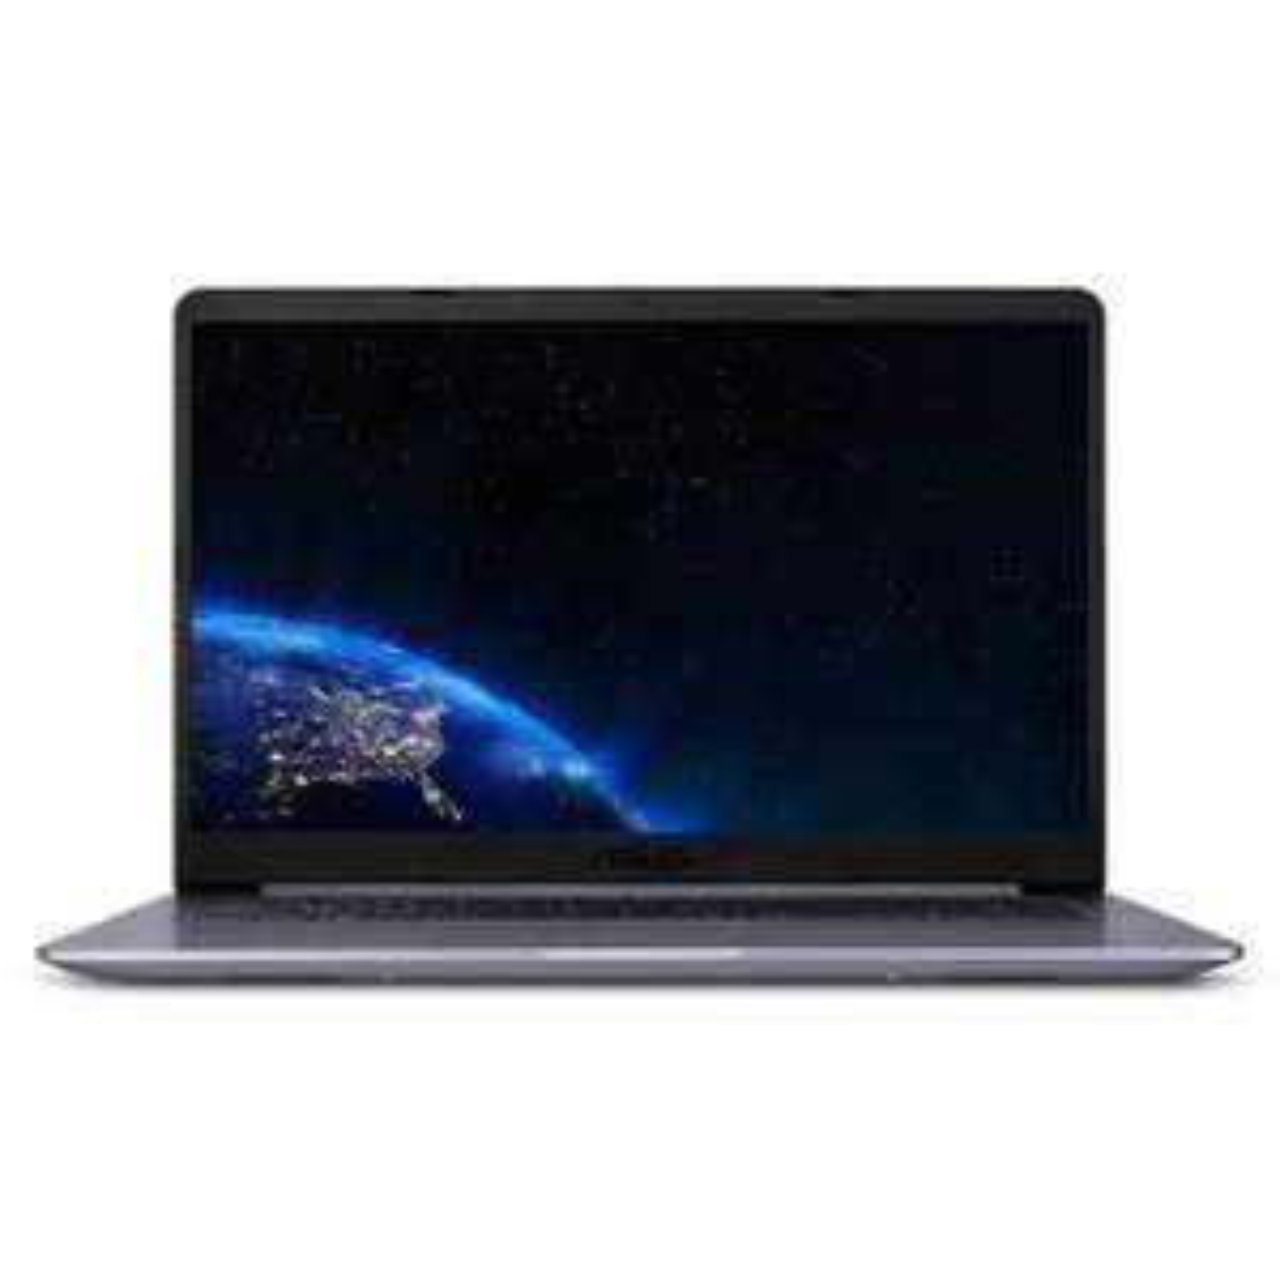 """Asus VivoBook Slim 14"""" Laptop - Grey £399 w/code @ ao.com"""